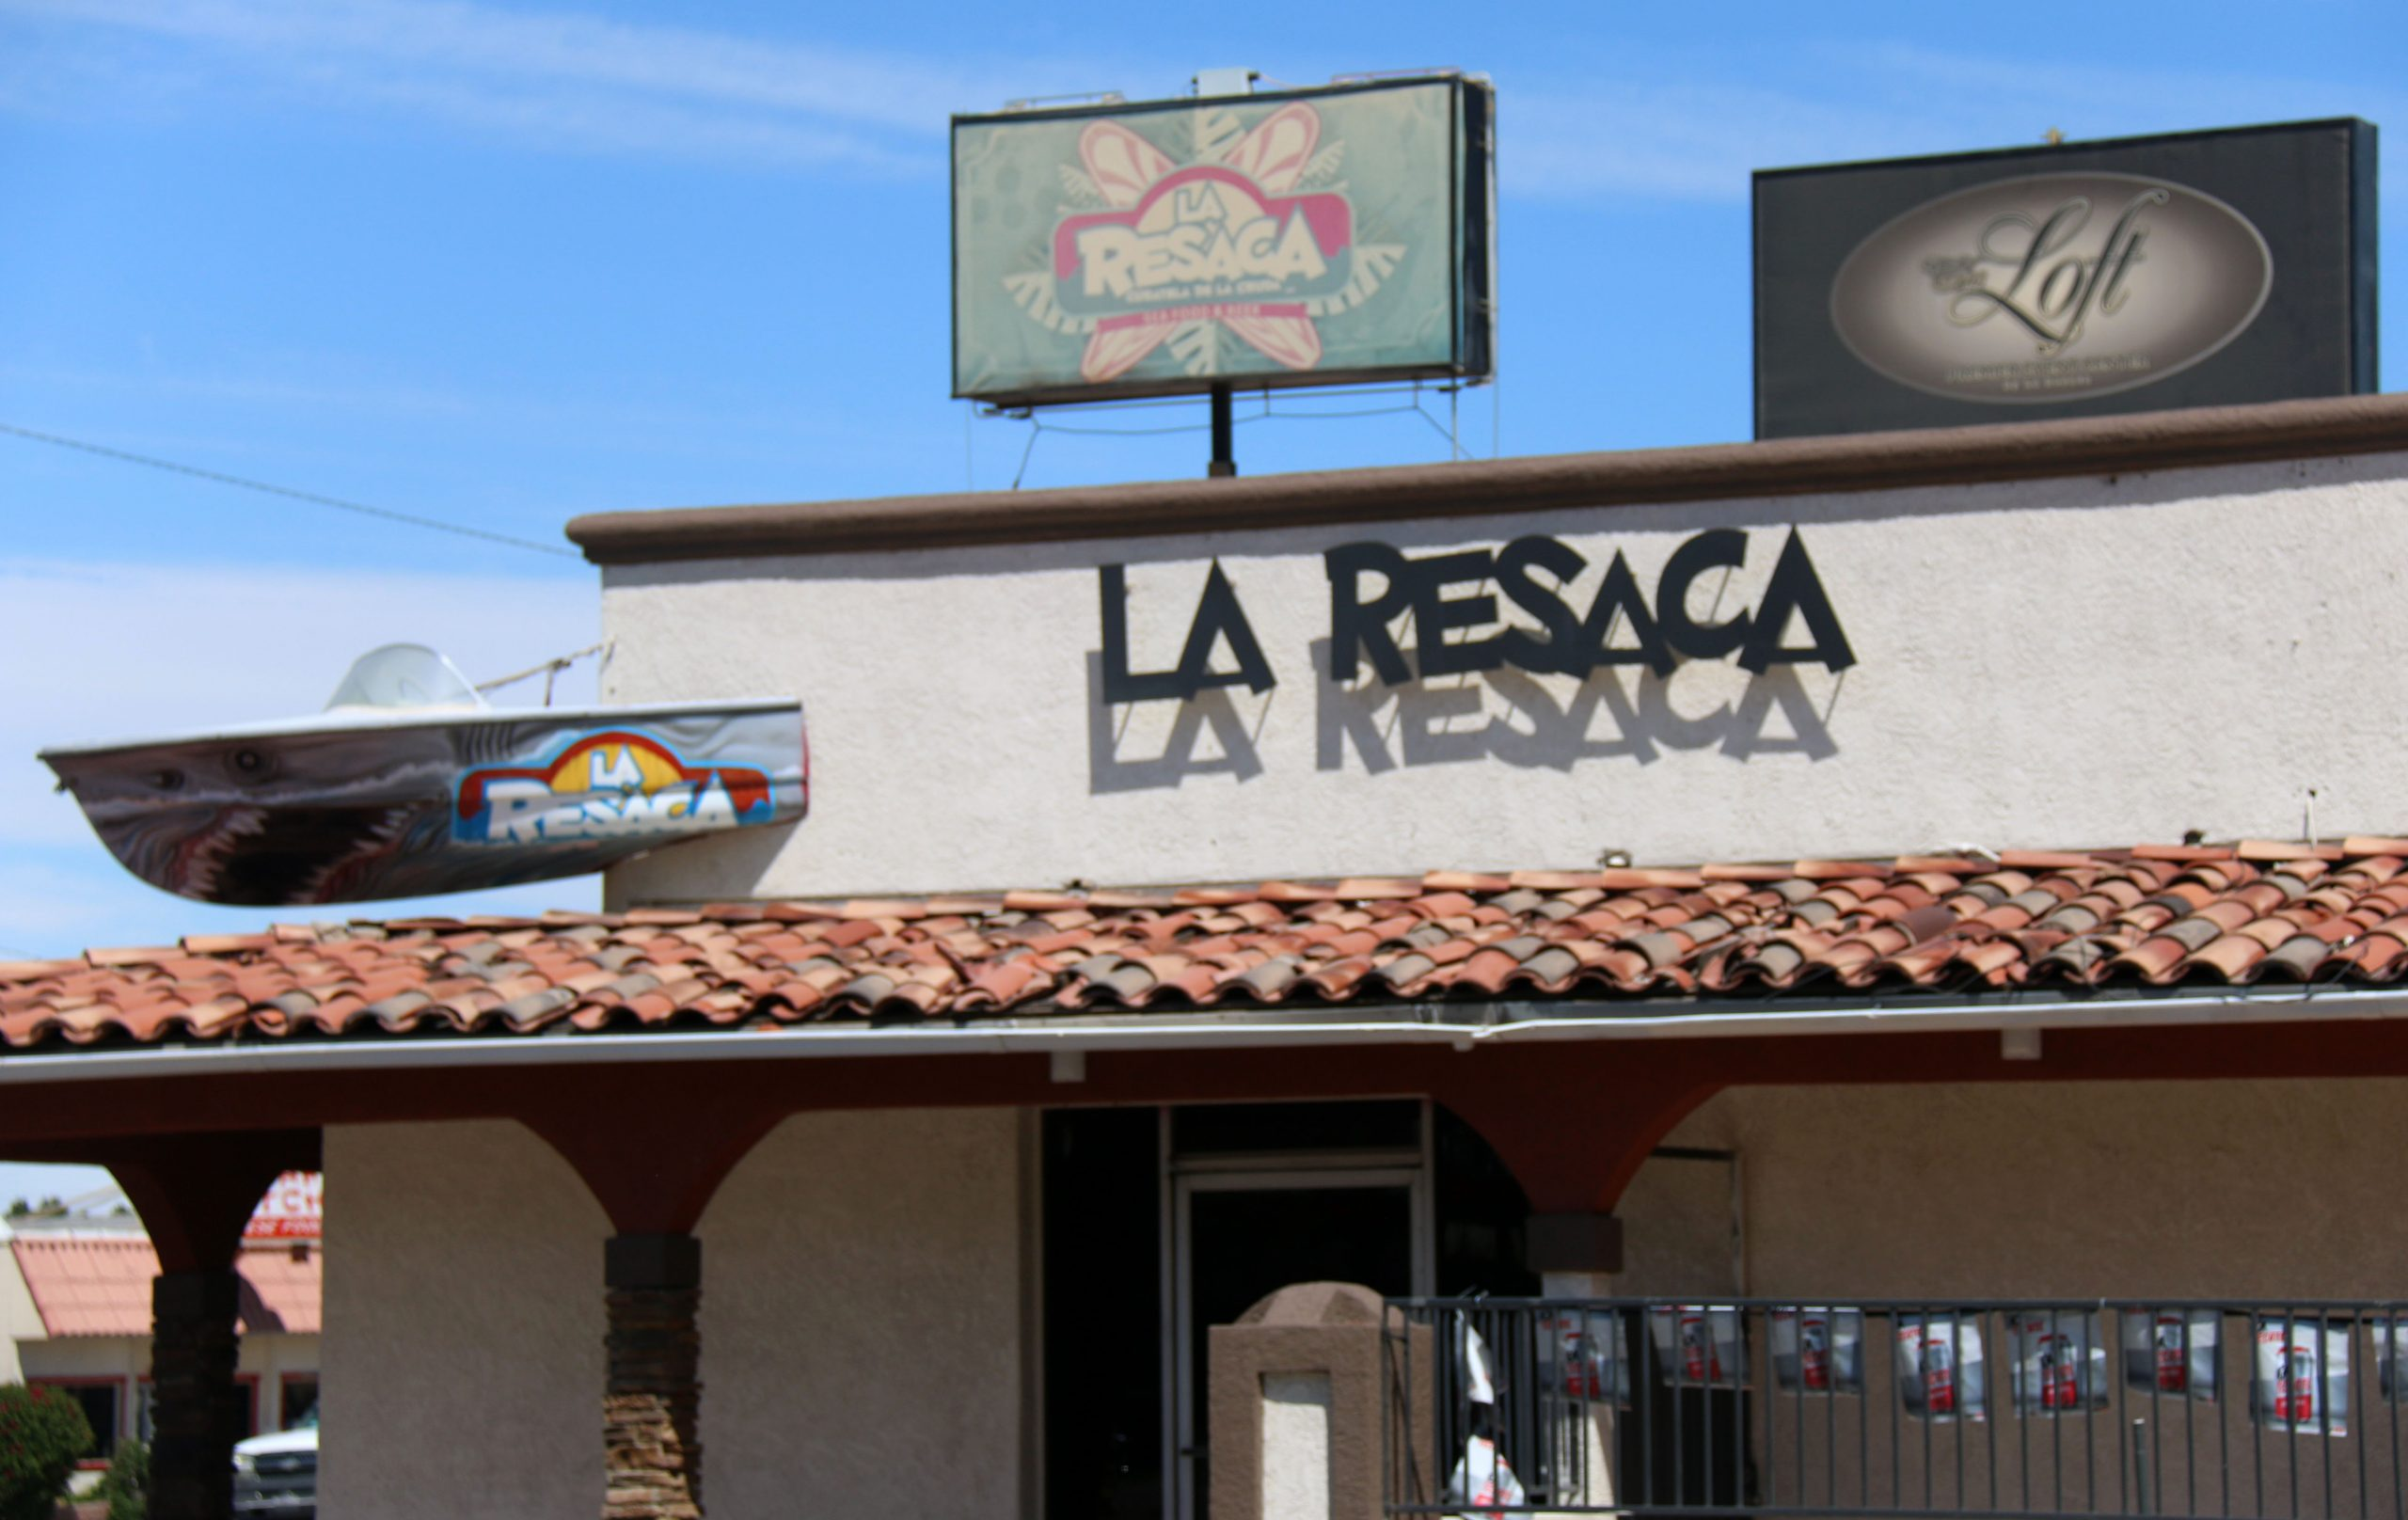 El Centro OKs Loan for La Resaca; Masonic Temple